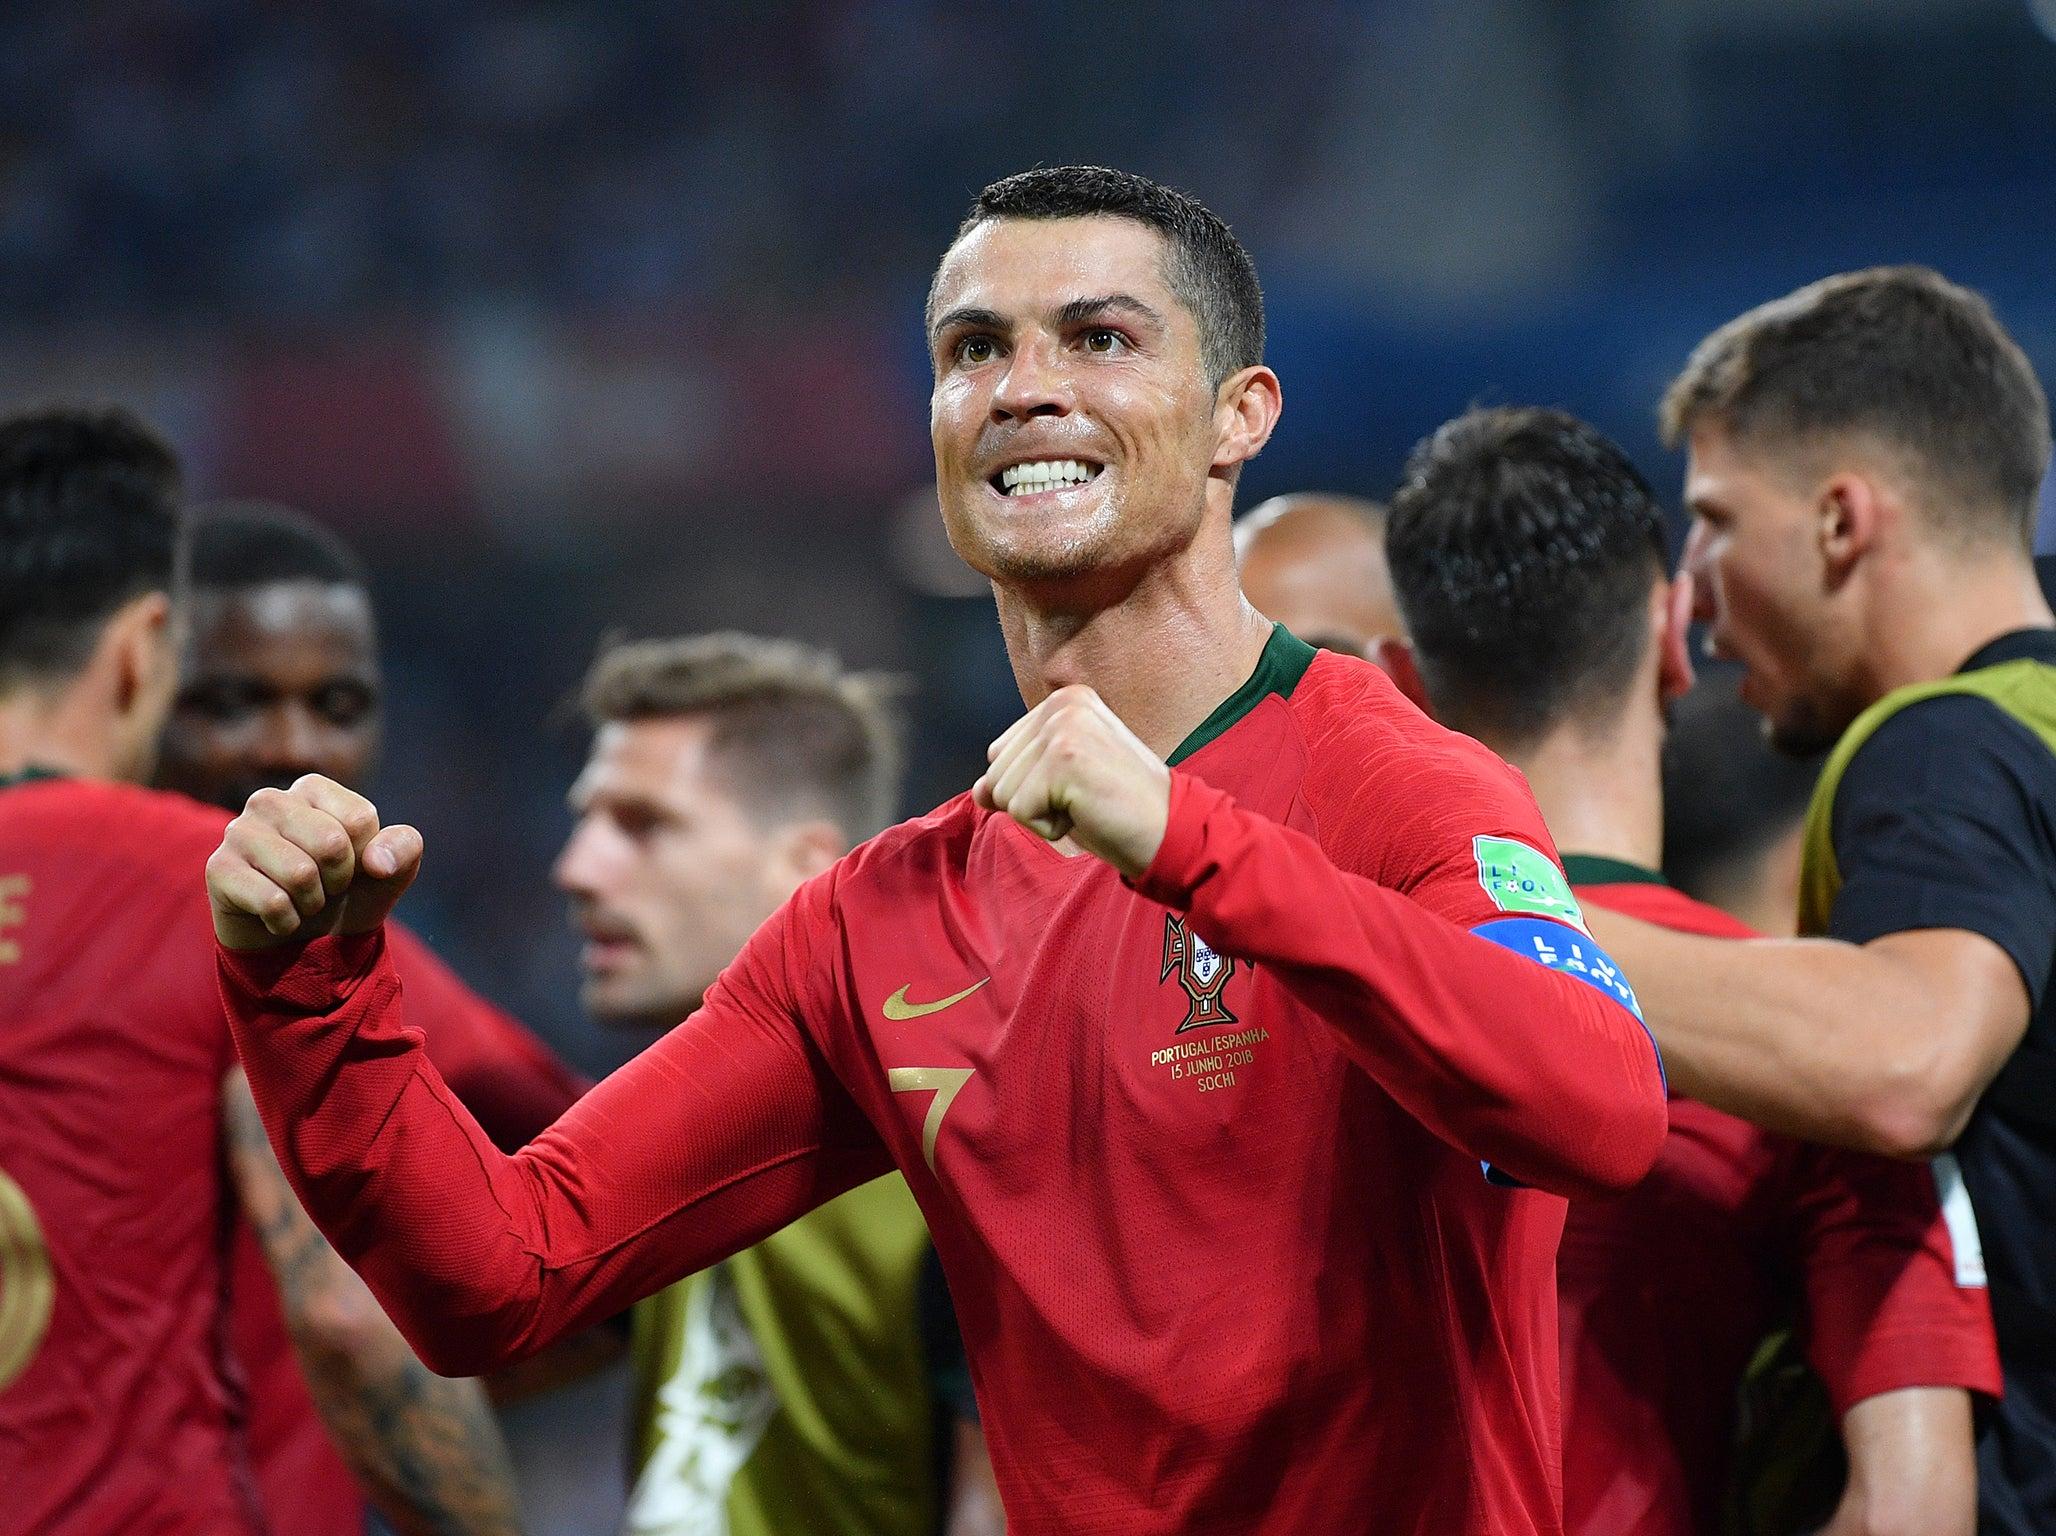 Portugal vs Spain LIVE World Cup 2018: Cristiano Ronaldo